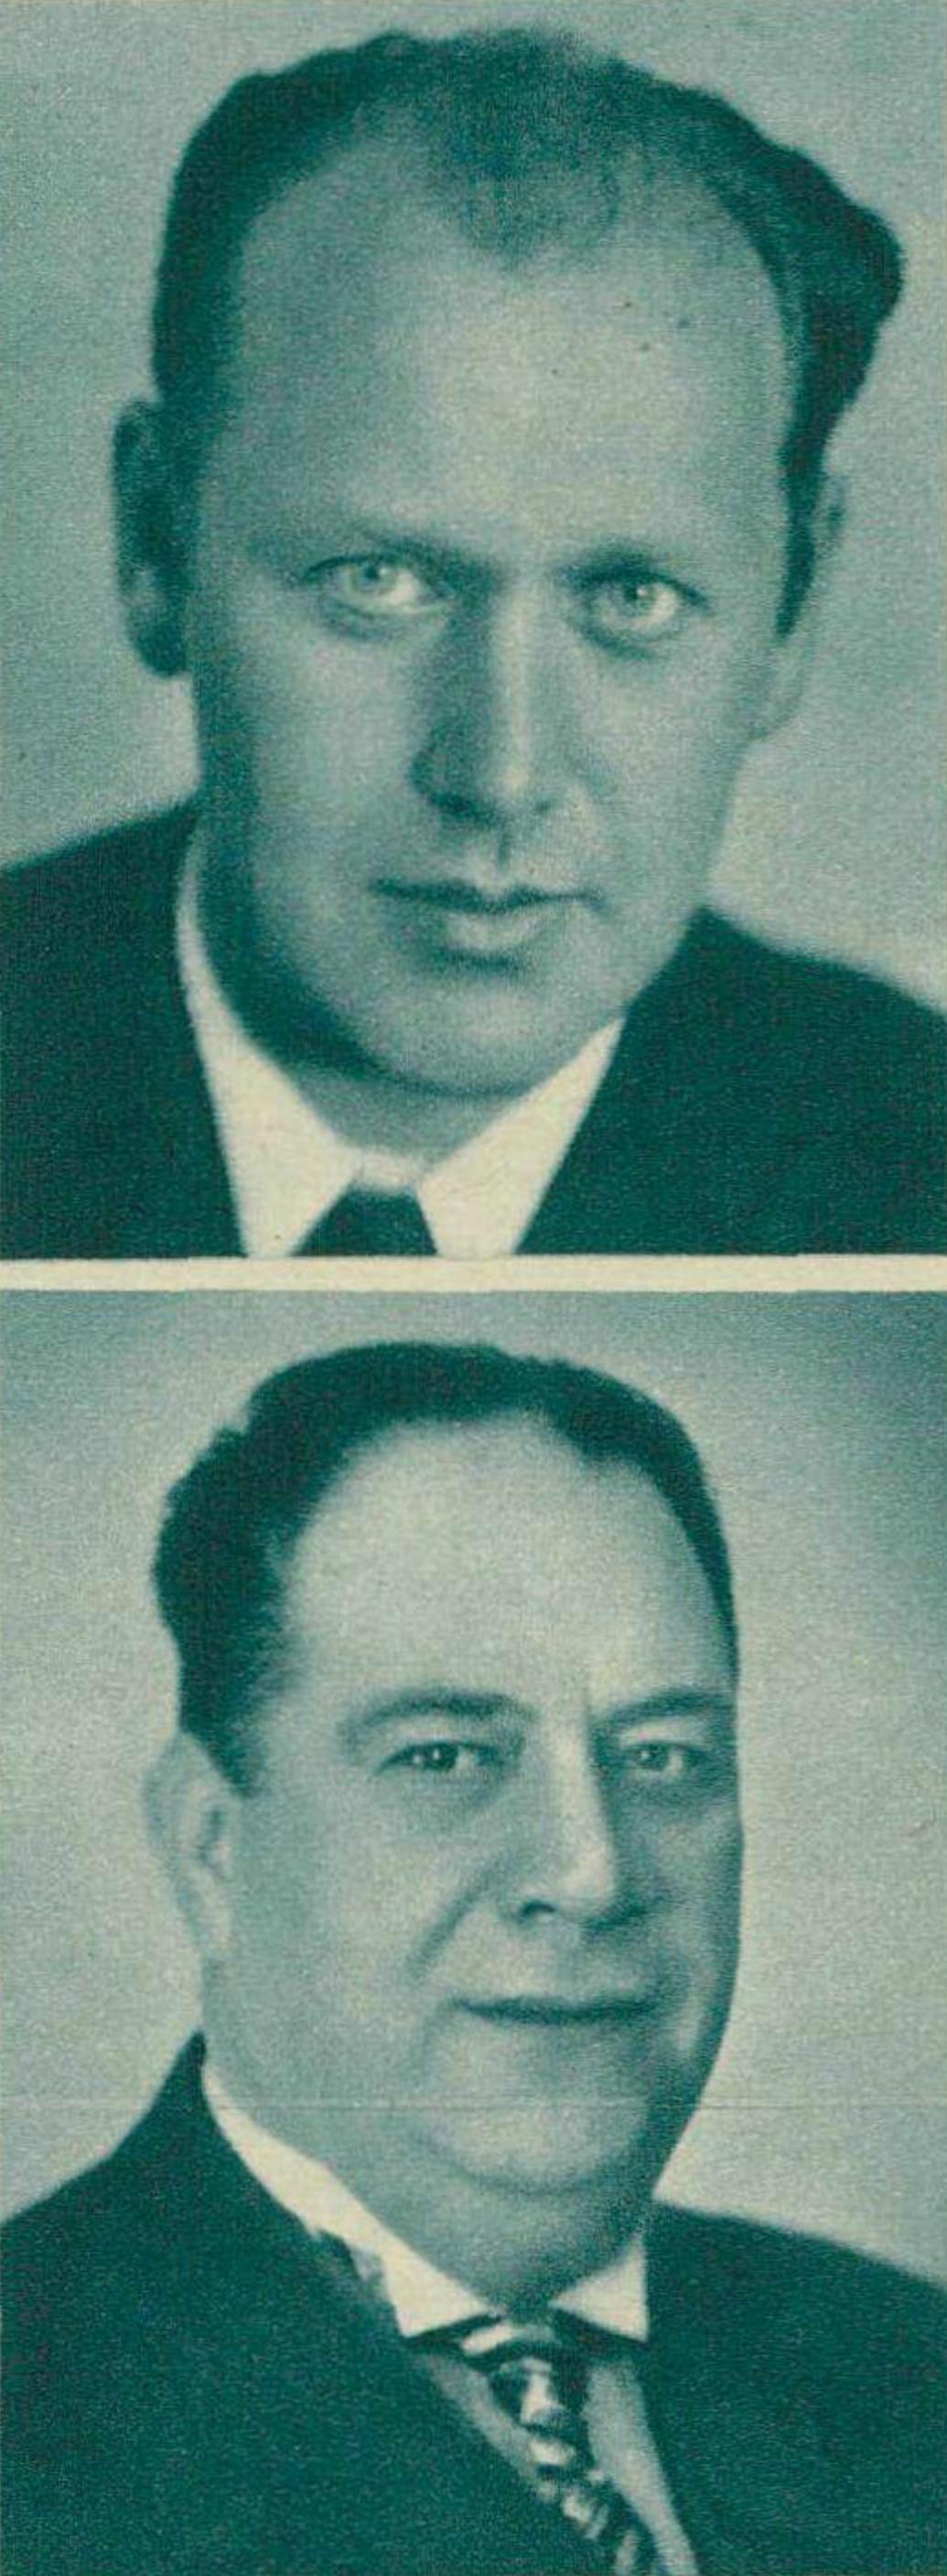 Alexander KRANNHALS et Ernest MESTRALLET, Cliquer sur la photo pour une vue agrandie et les références